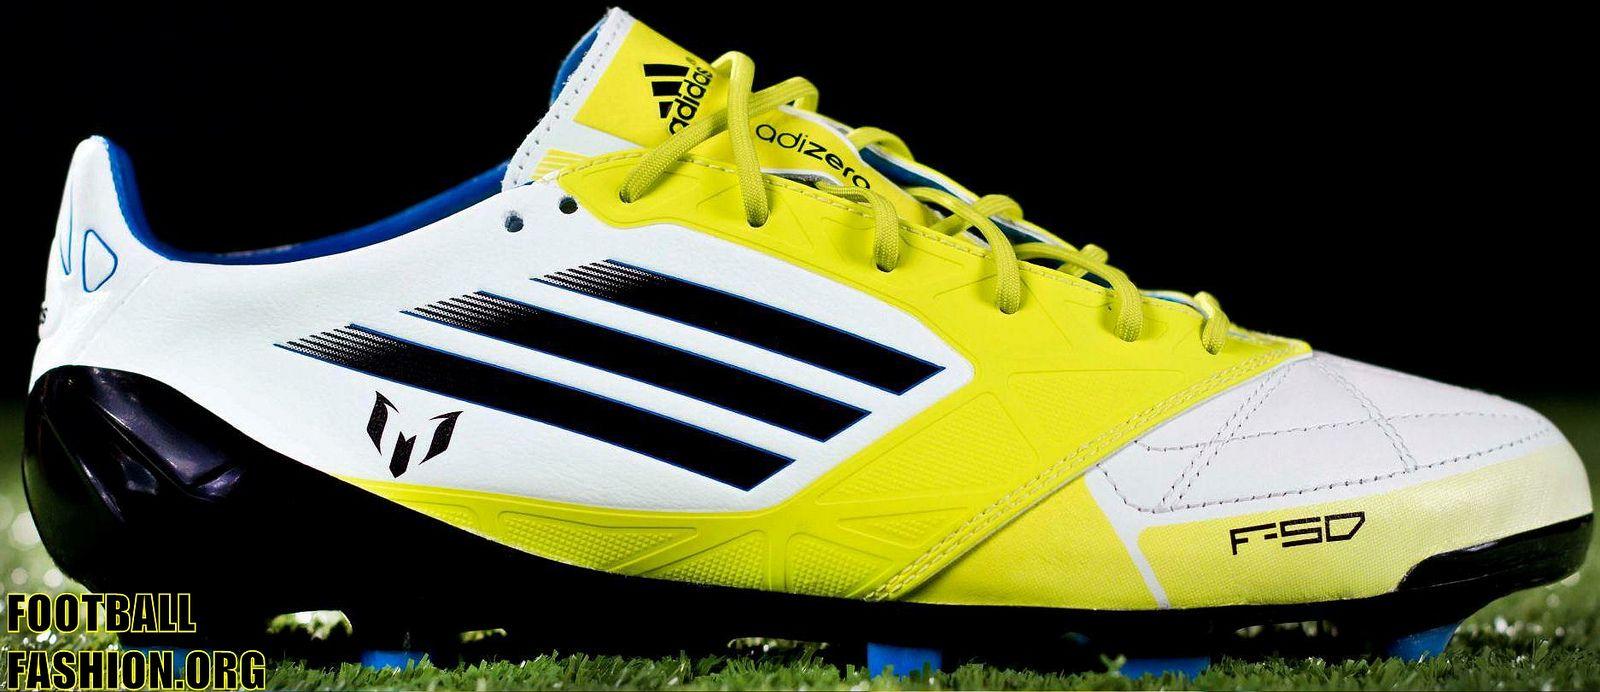 brand new 65c56 14e40 Lionel Messi s 2012 Copa del Rey Final adidas adizero F50 Soccer Boots